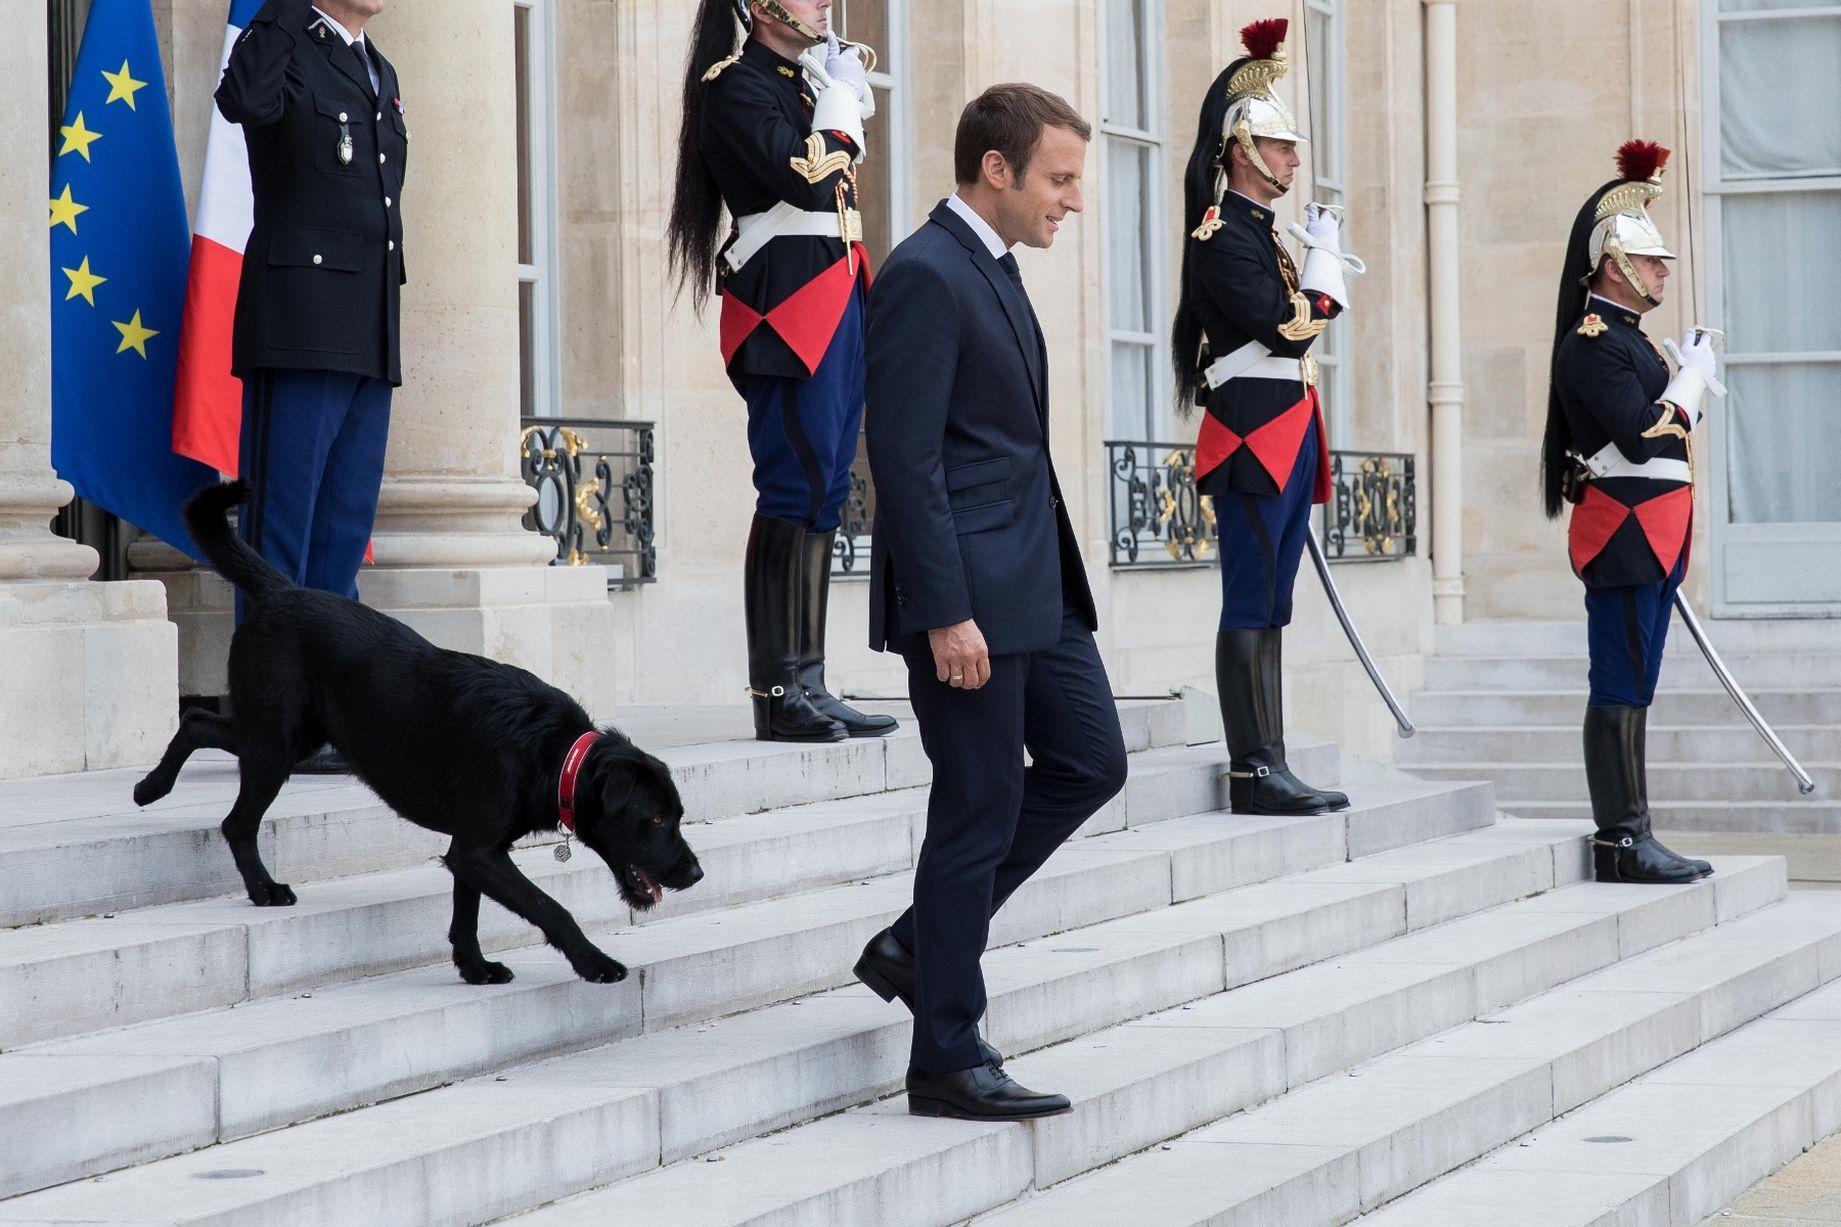 Собака Макрона помешала совещанию - Видео